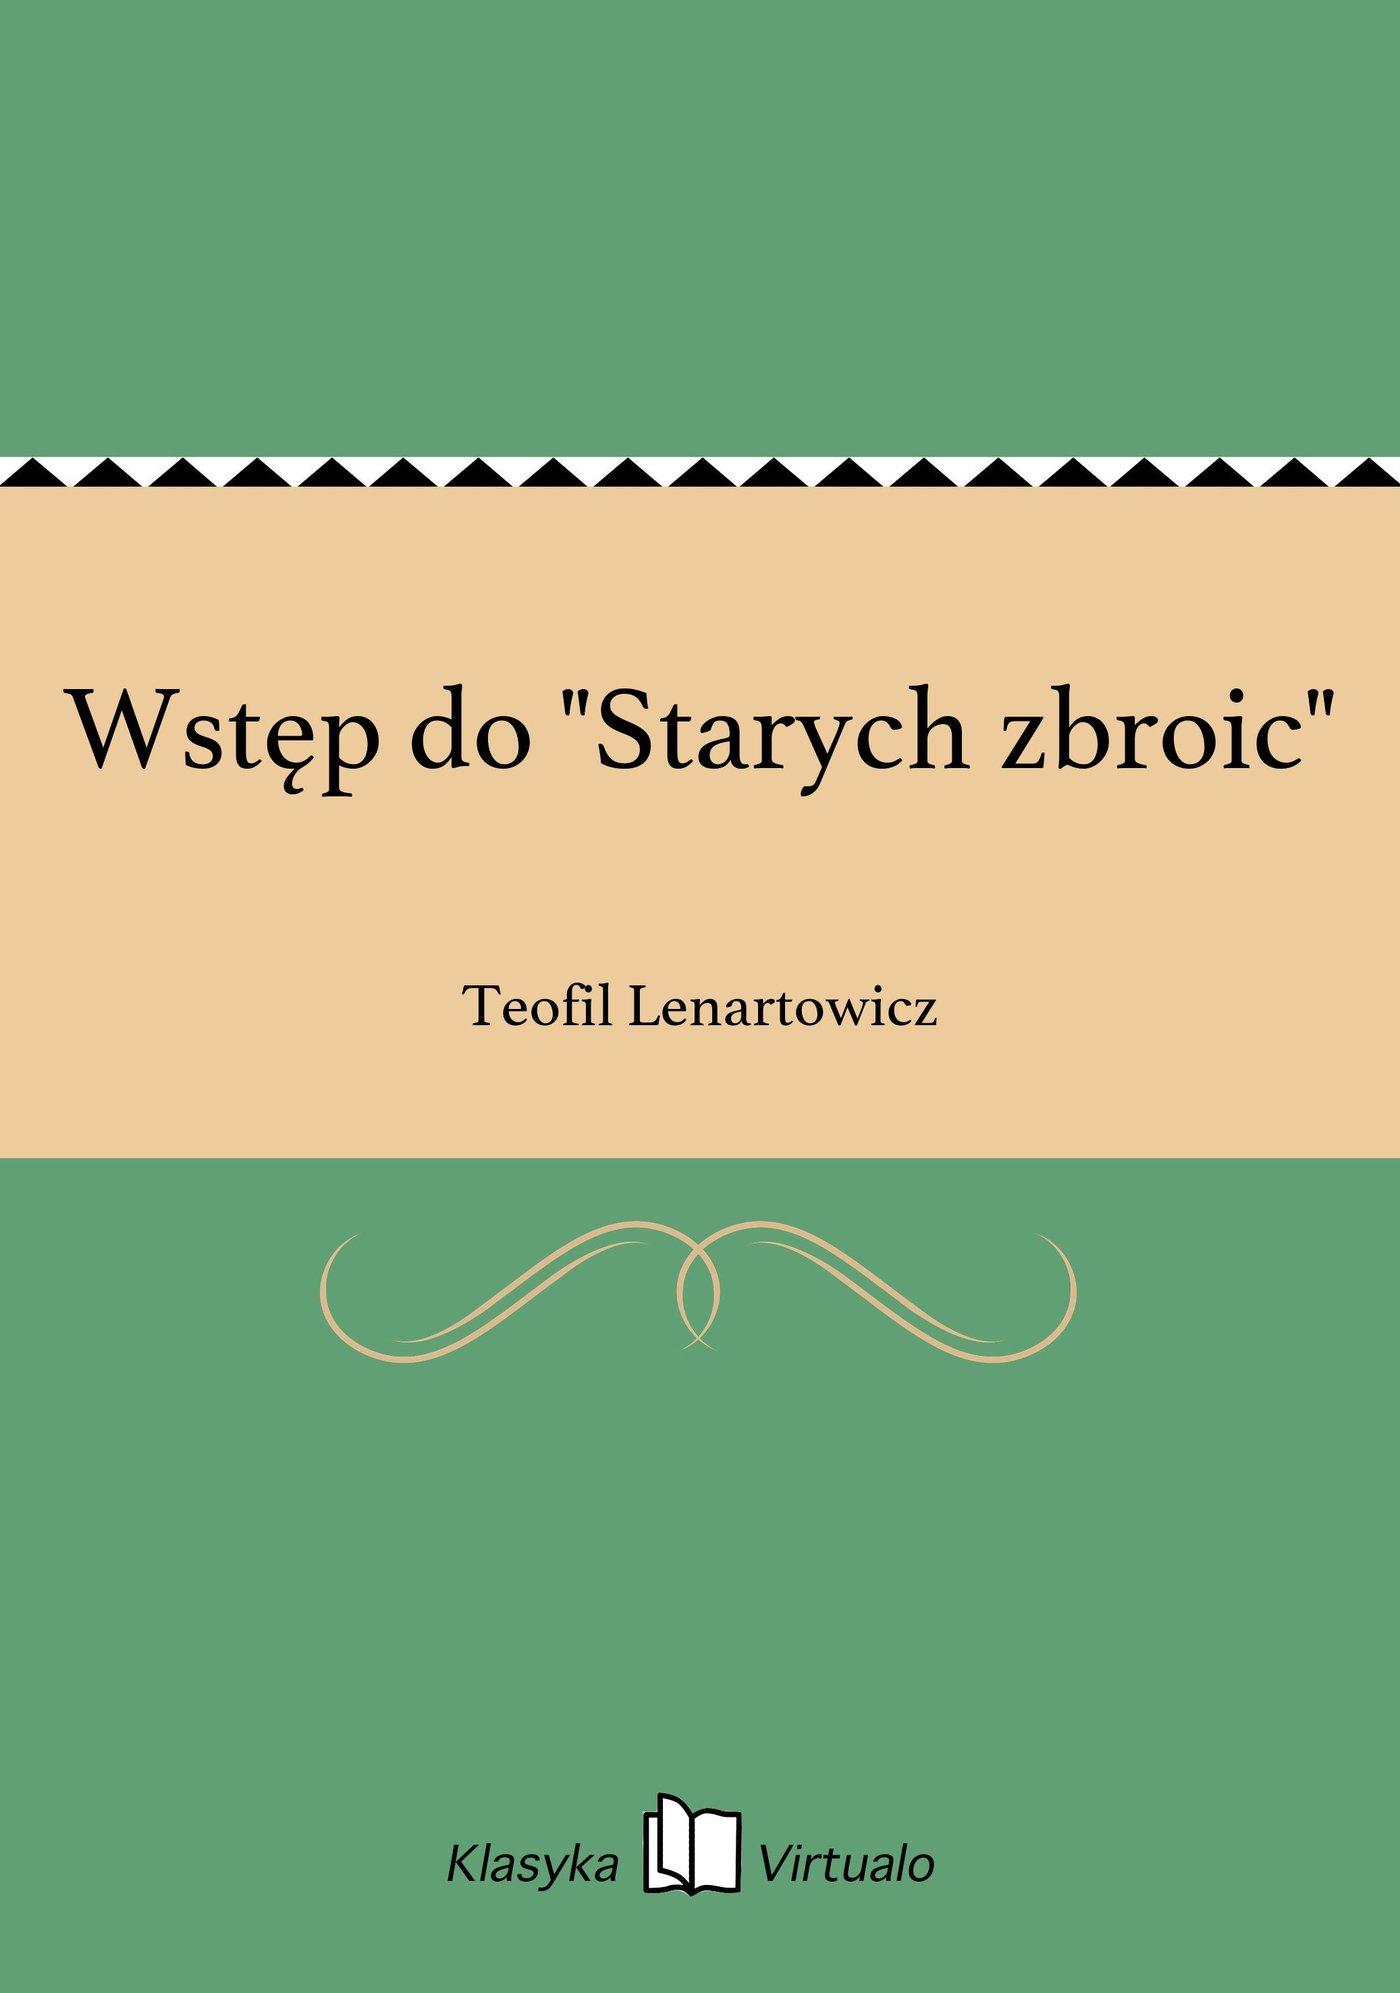 """Wstęp do """"Starych zbroic"""" - Ebook (Książka EPUB) do pobrania w formacie EPUB"""